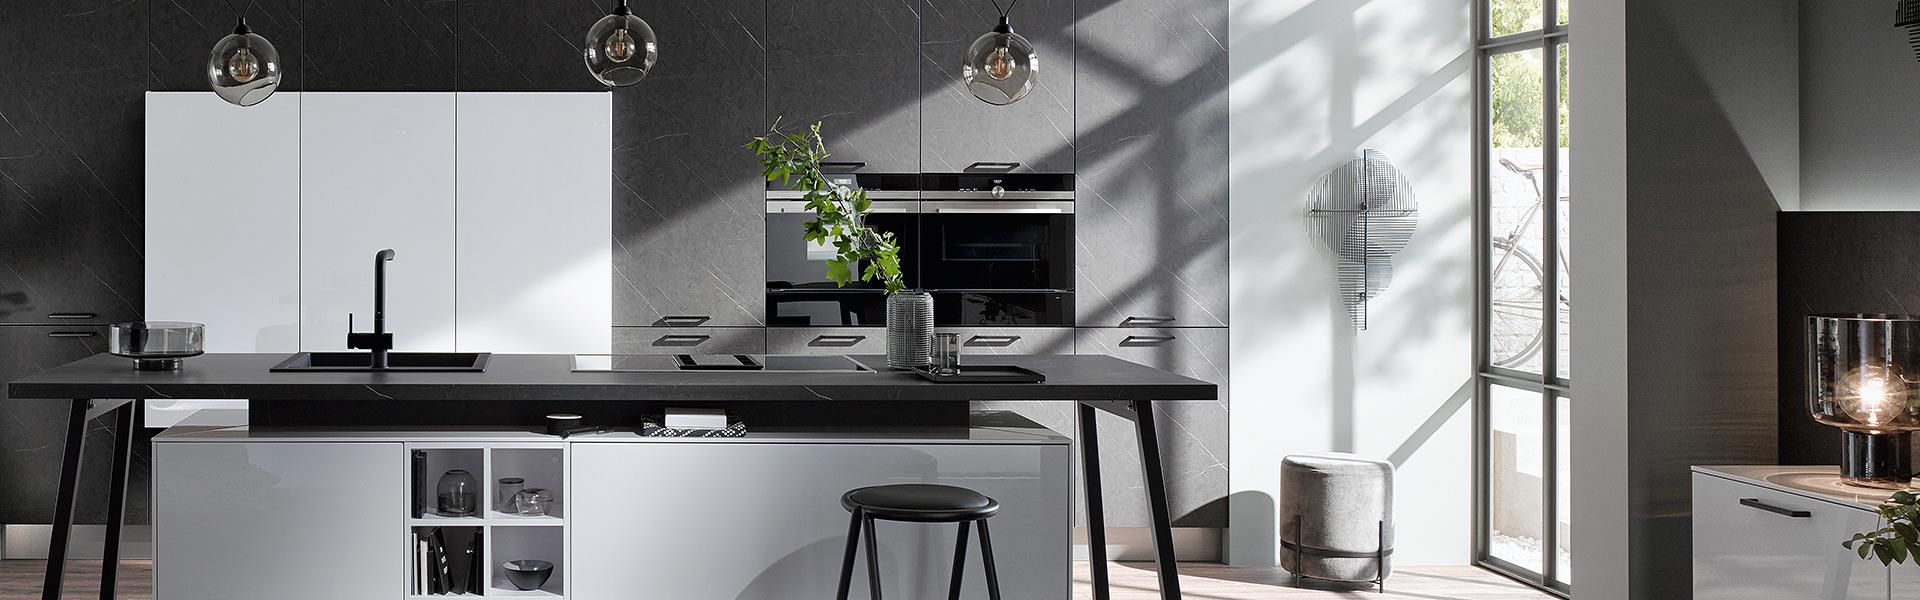 elementa Küchen – Wir setzen auf Nachhaltigkeit